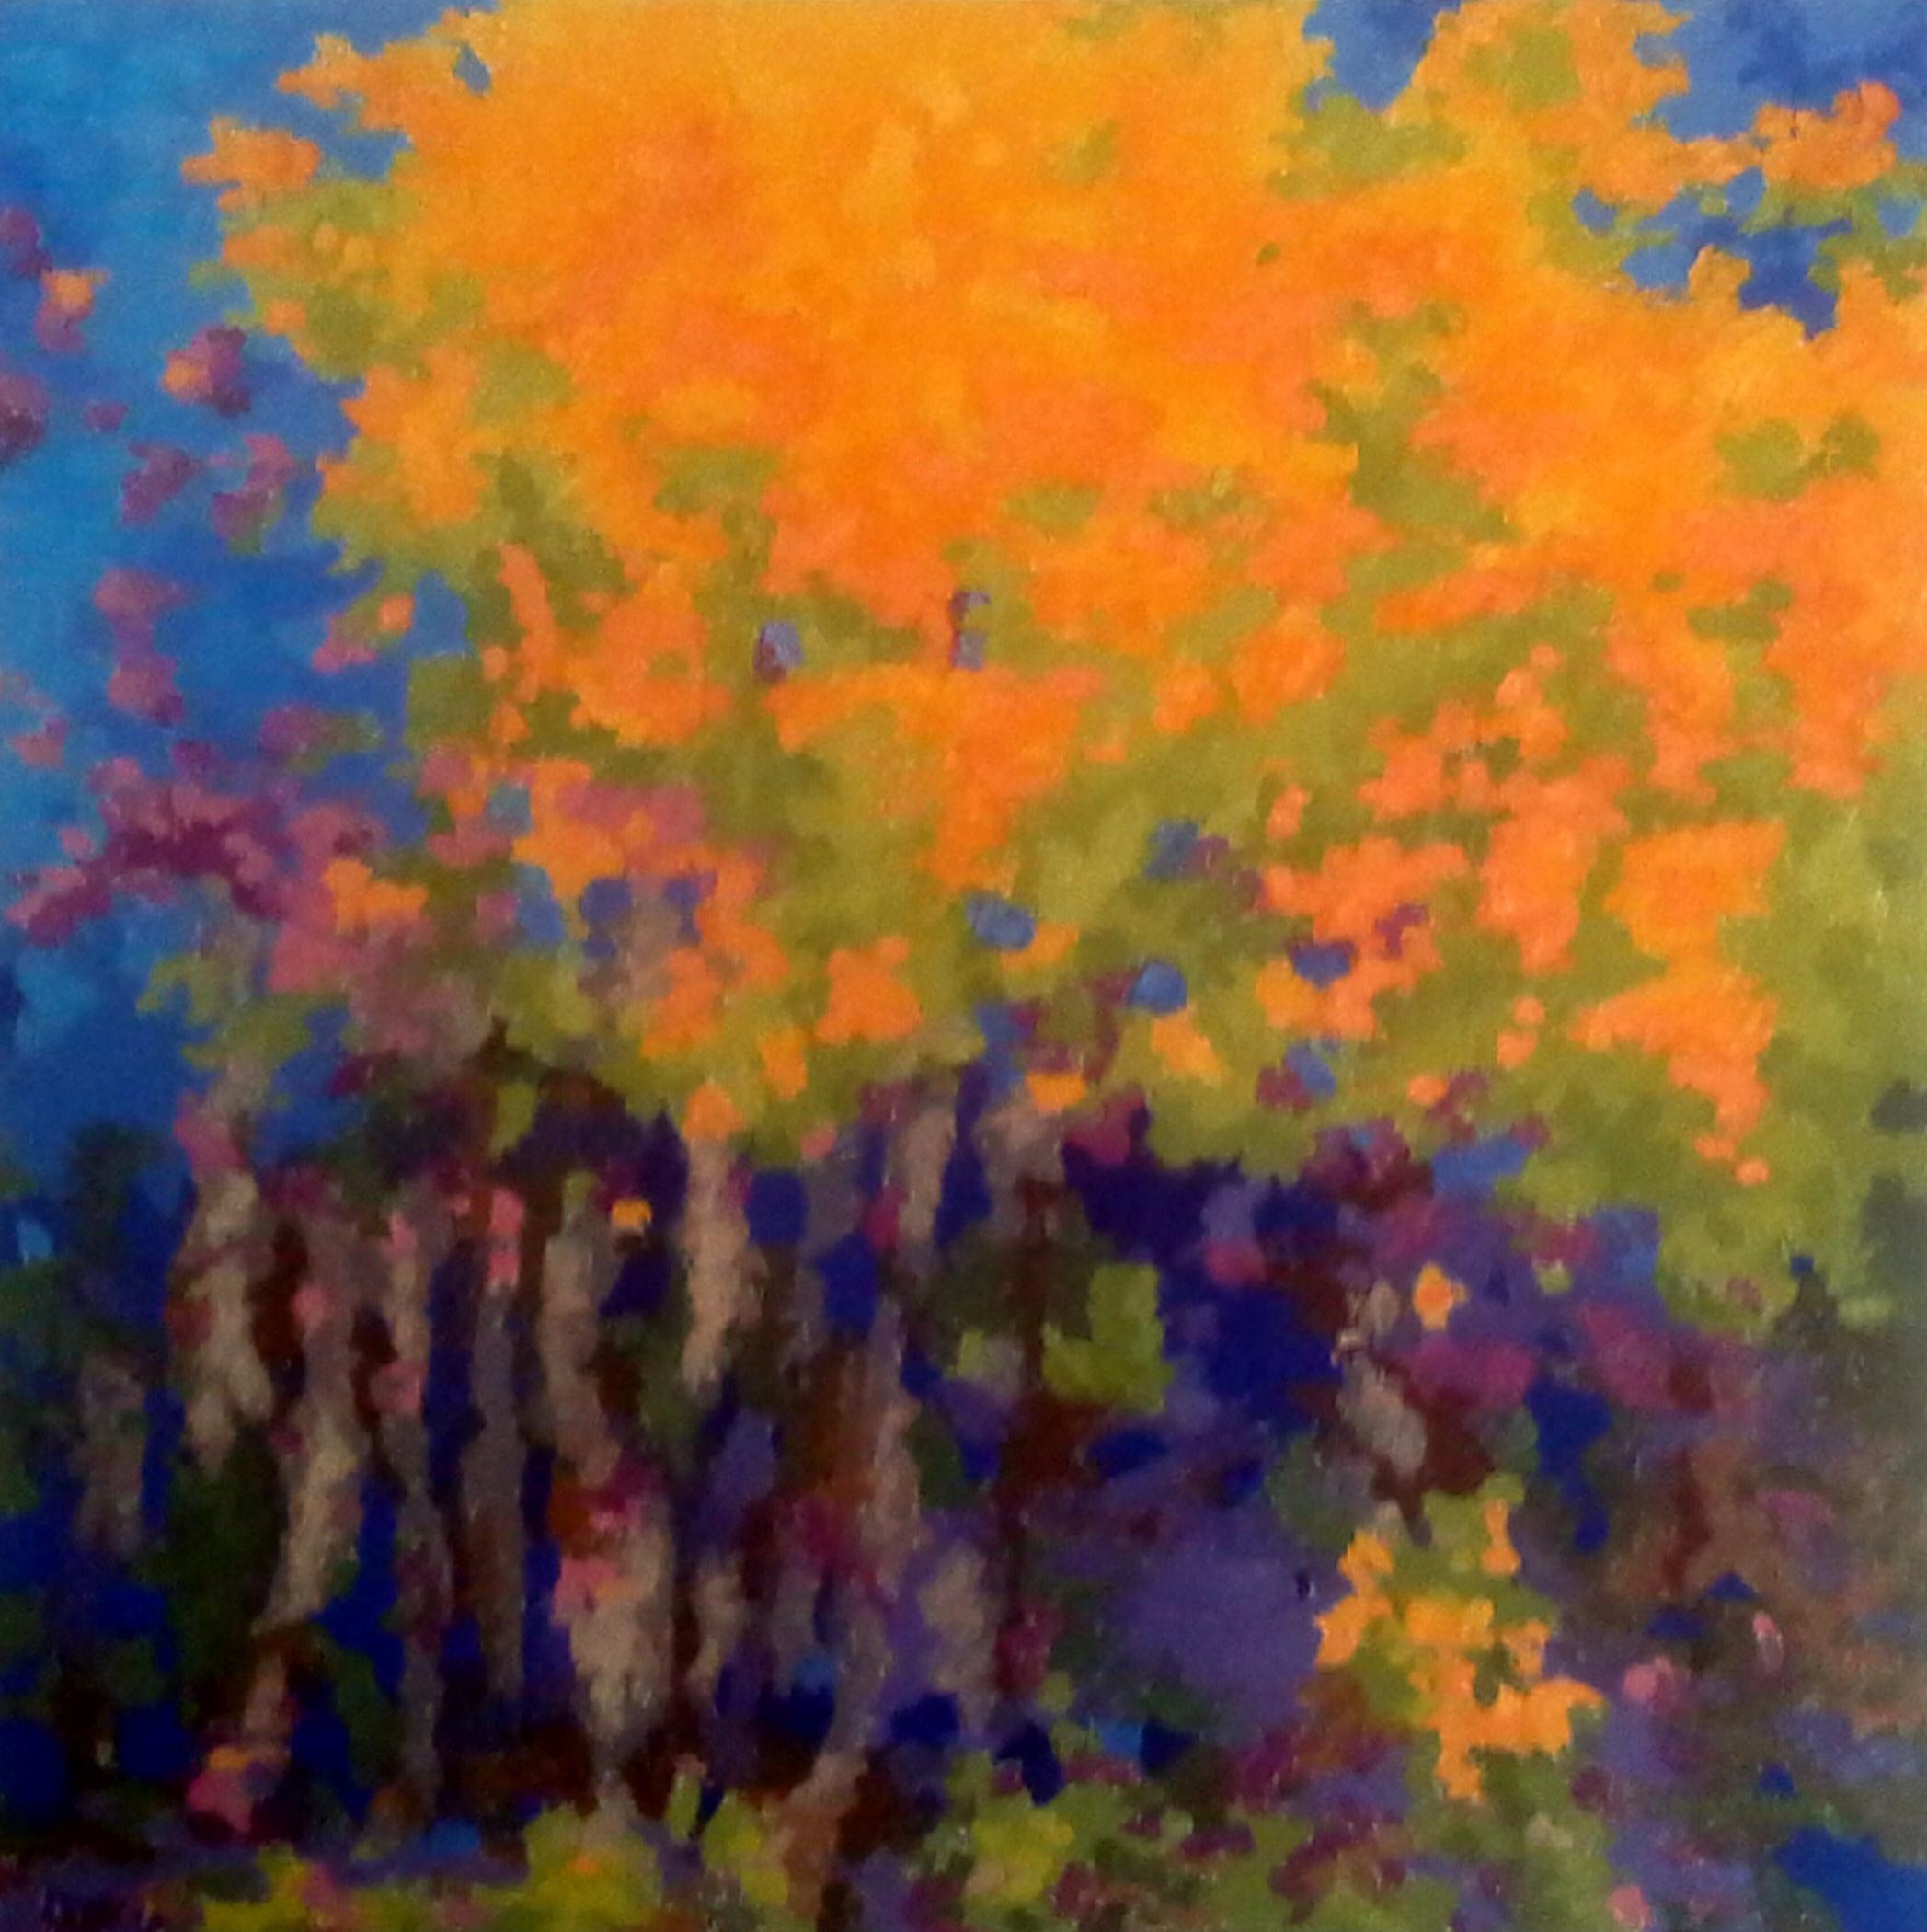 14-057 november orange, 24x24_300dpi_(sh).jpg